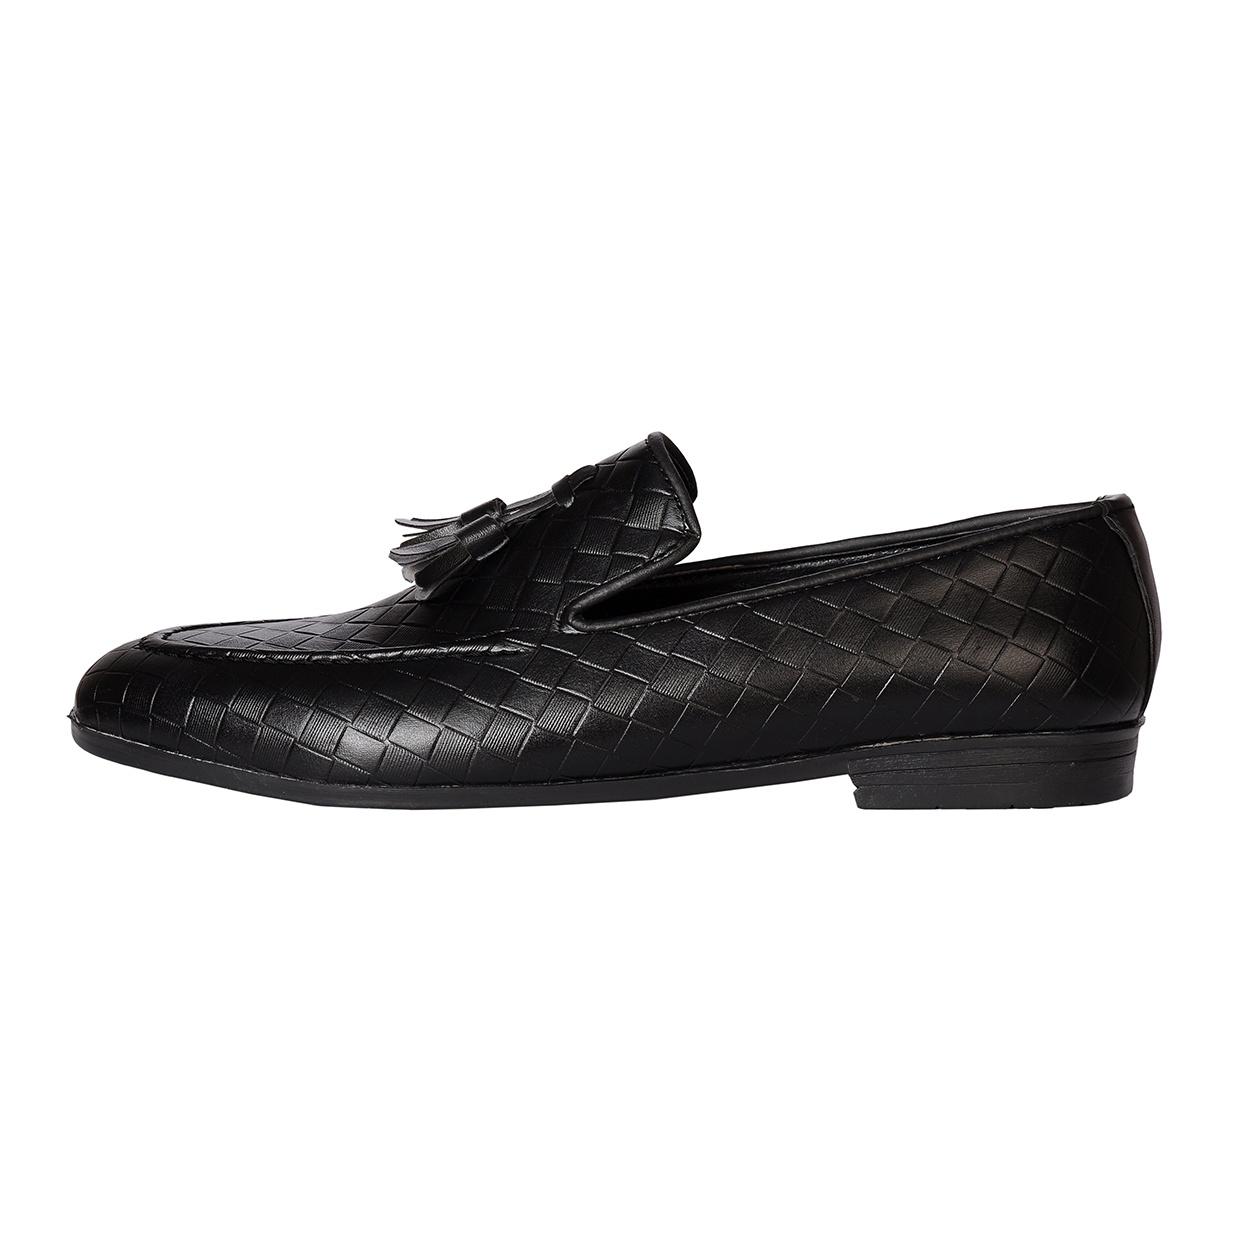 خرید اینترنتی کفش مردانه مدل m156m اورجینال